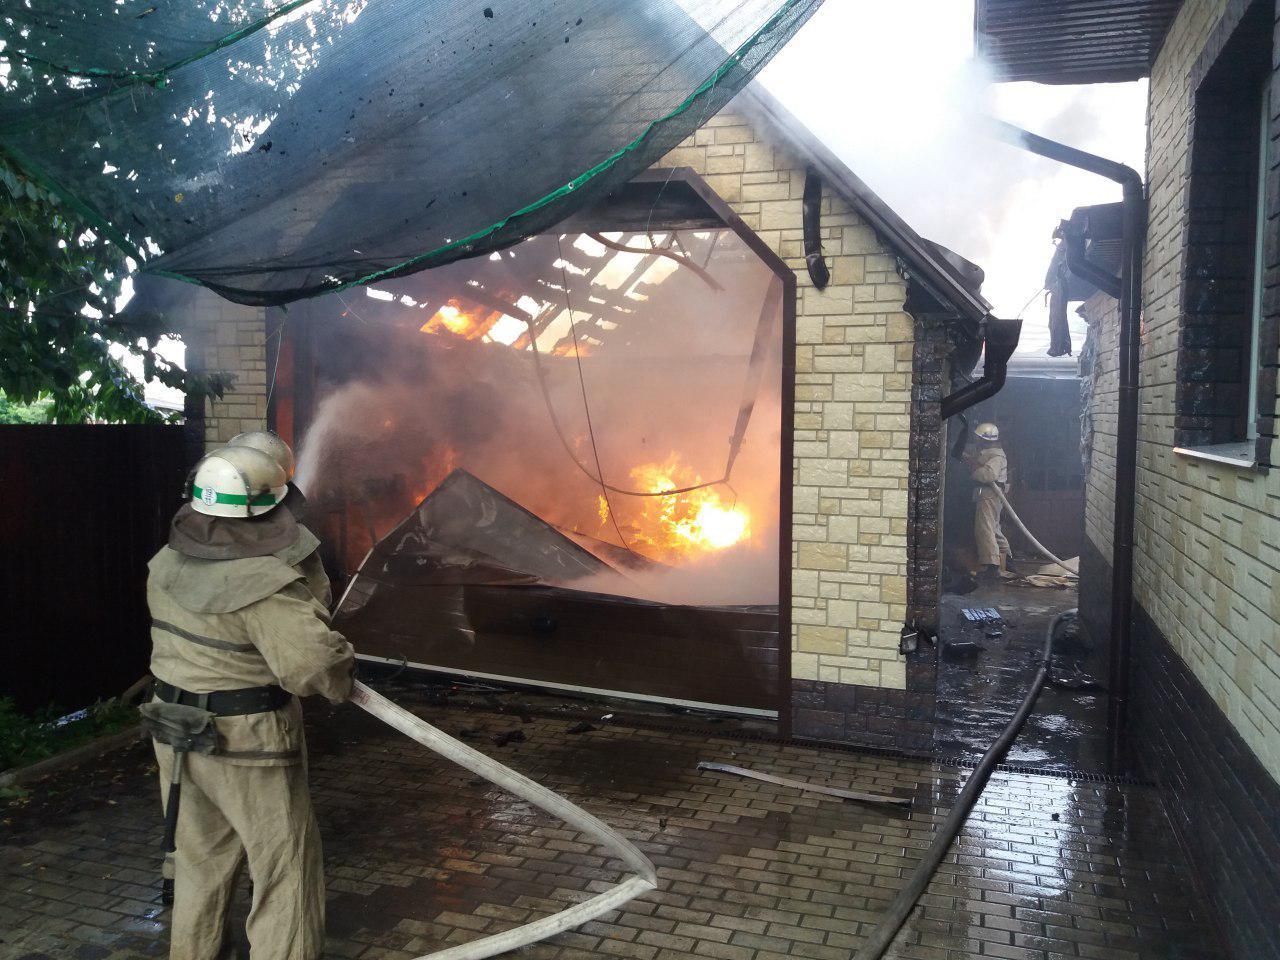 У Запорізькій області згоріла прибудова до будинку: пожежу гасили кілька годин - ФОТО